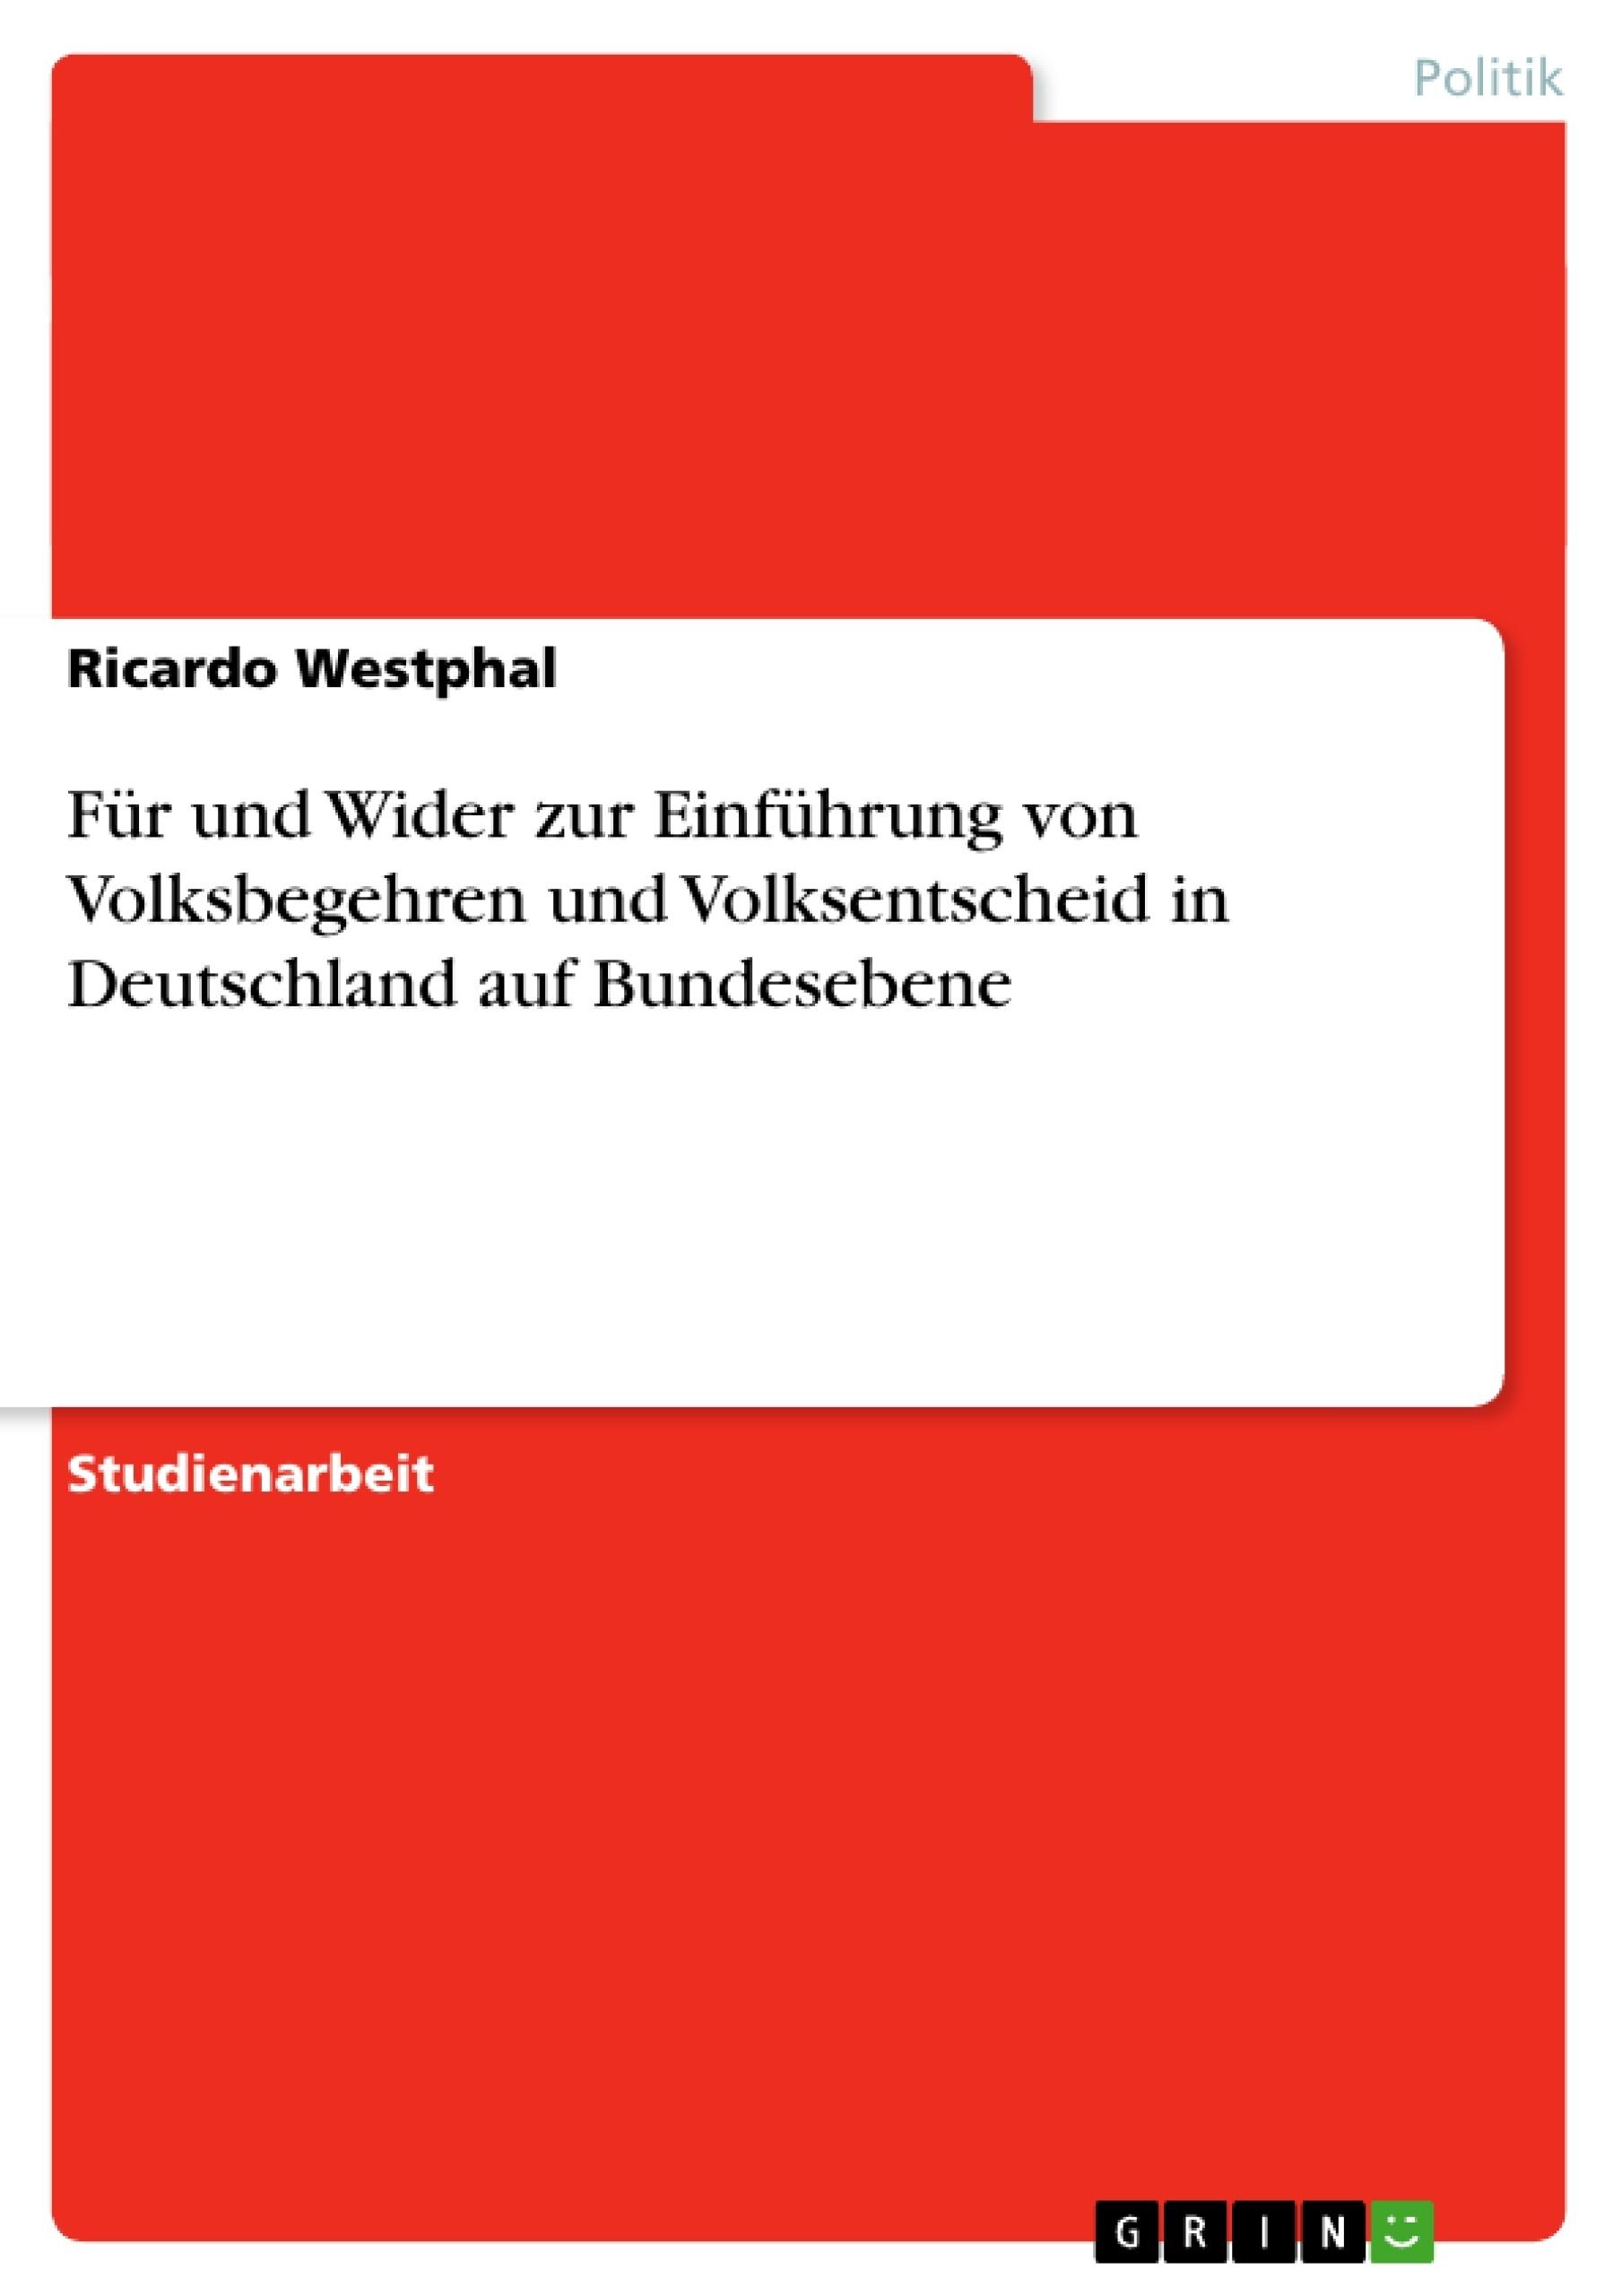 Titel: Für und Wider zur Einführung von Volksbegehren und Volksentscheid in Deutschland auf Bundesebene